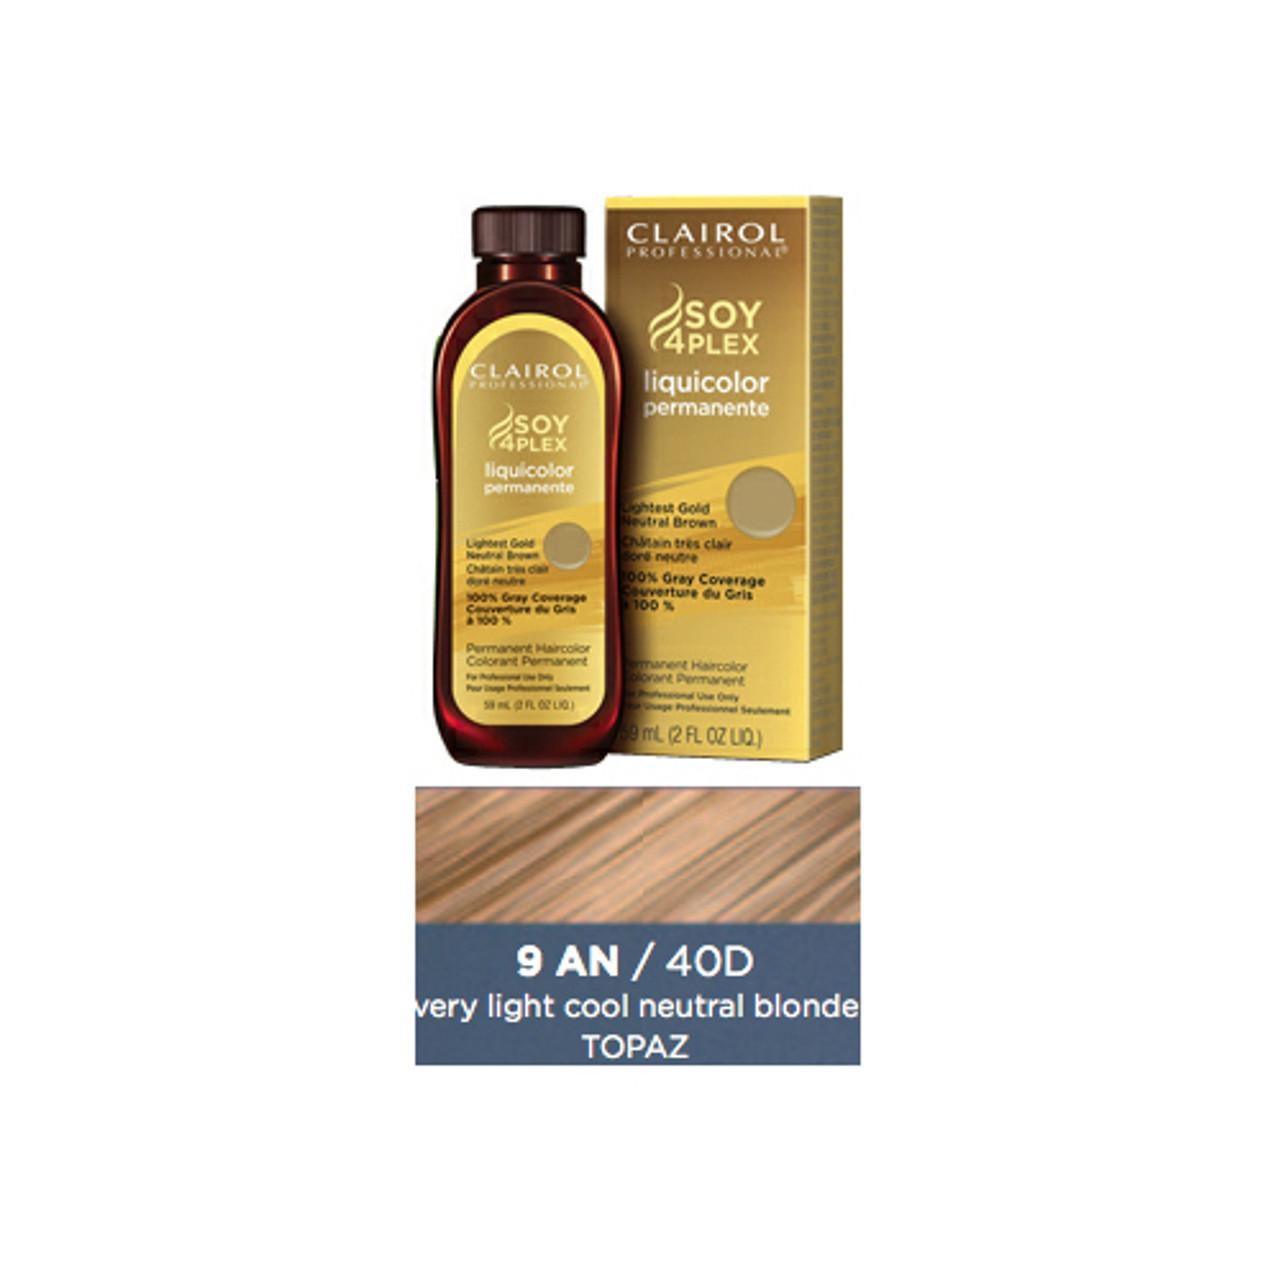 Clairol 40-D Topaz Hair Color, 2 oz: bottle, box, color